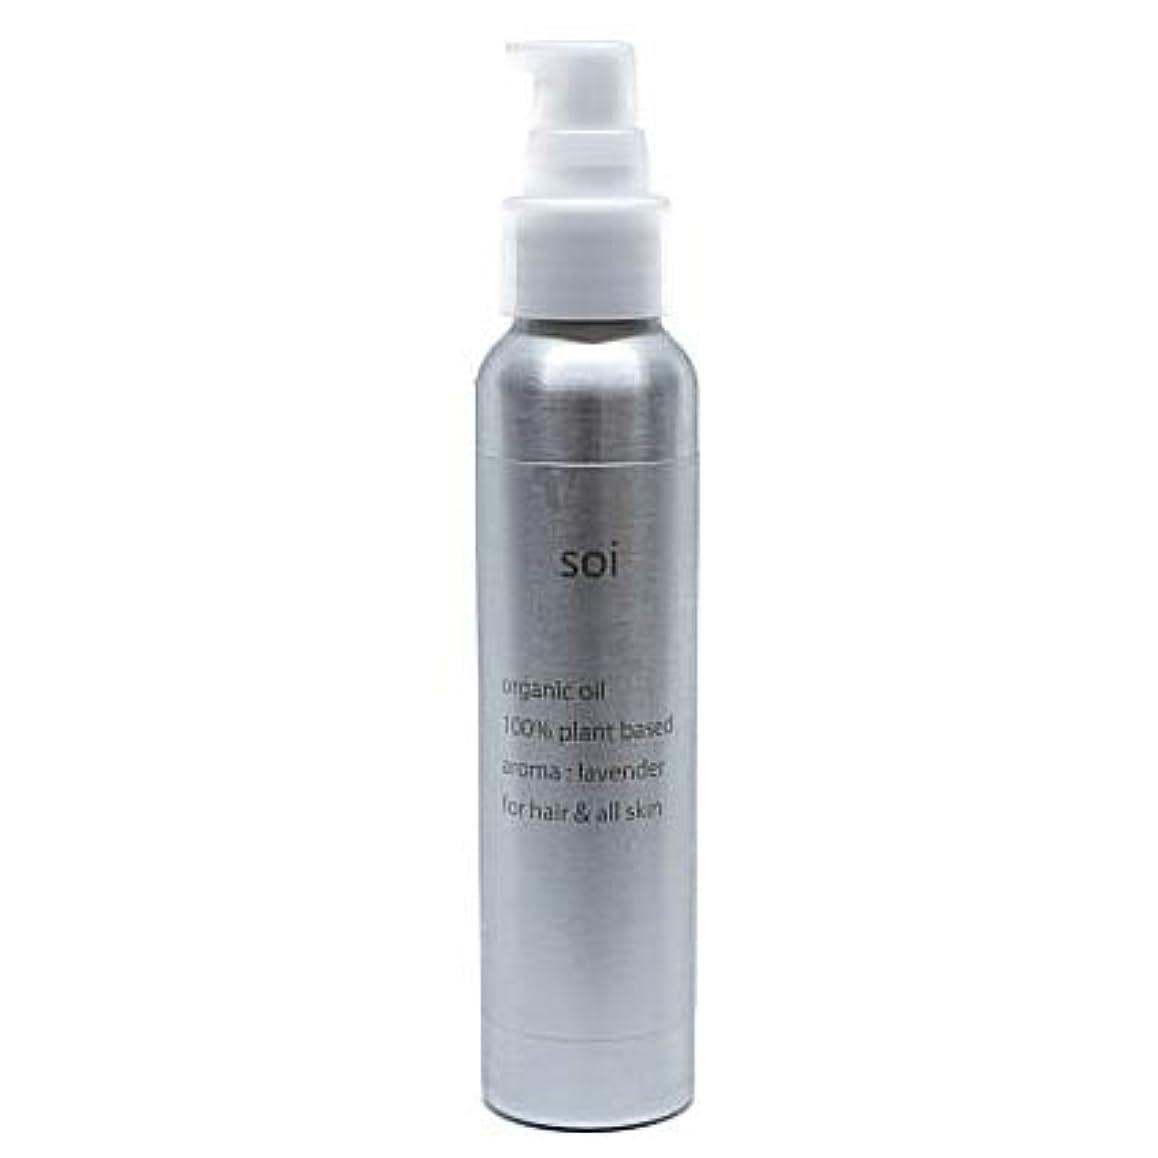 米国過半数適用するsoioil/ソイオイル オーガニックオイル【濡れ感×自然な束感】濡れ髪風仕上げにおすすめ